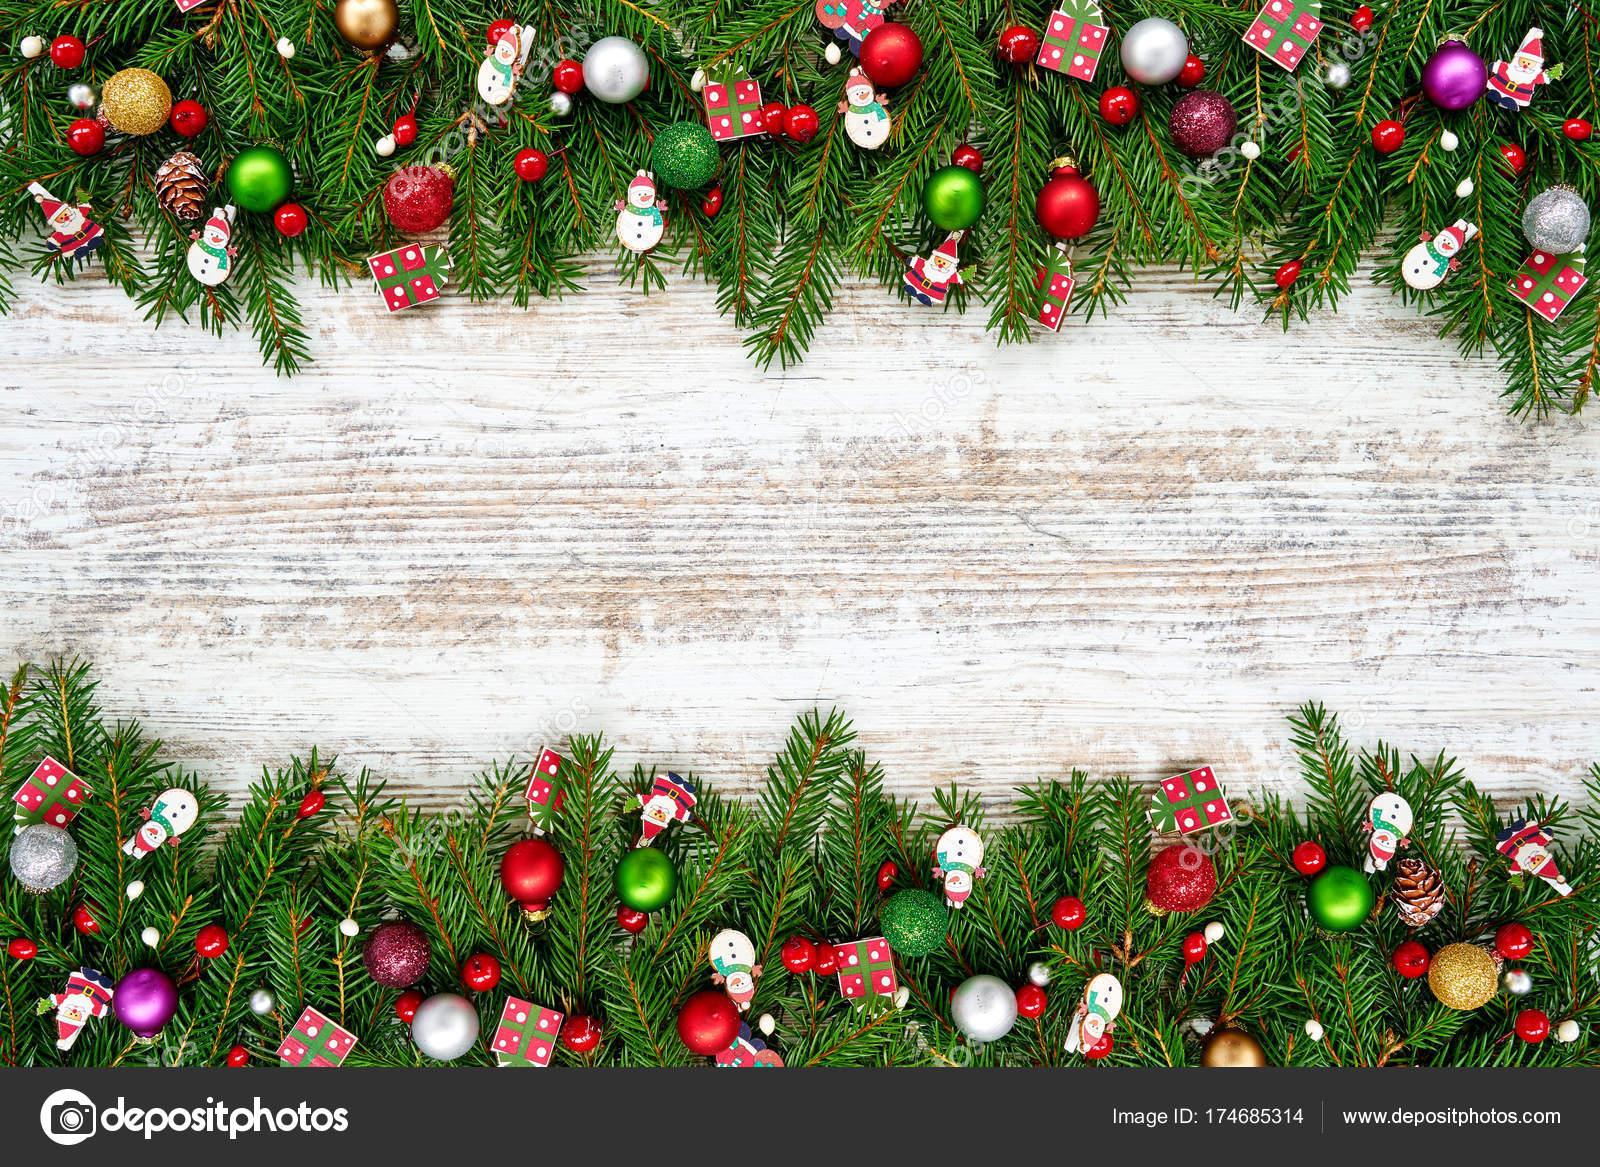 Fondo Navidad Abeto Navidad Con Decoración Fondo Blanco Madera Copia